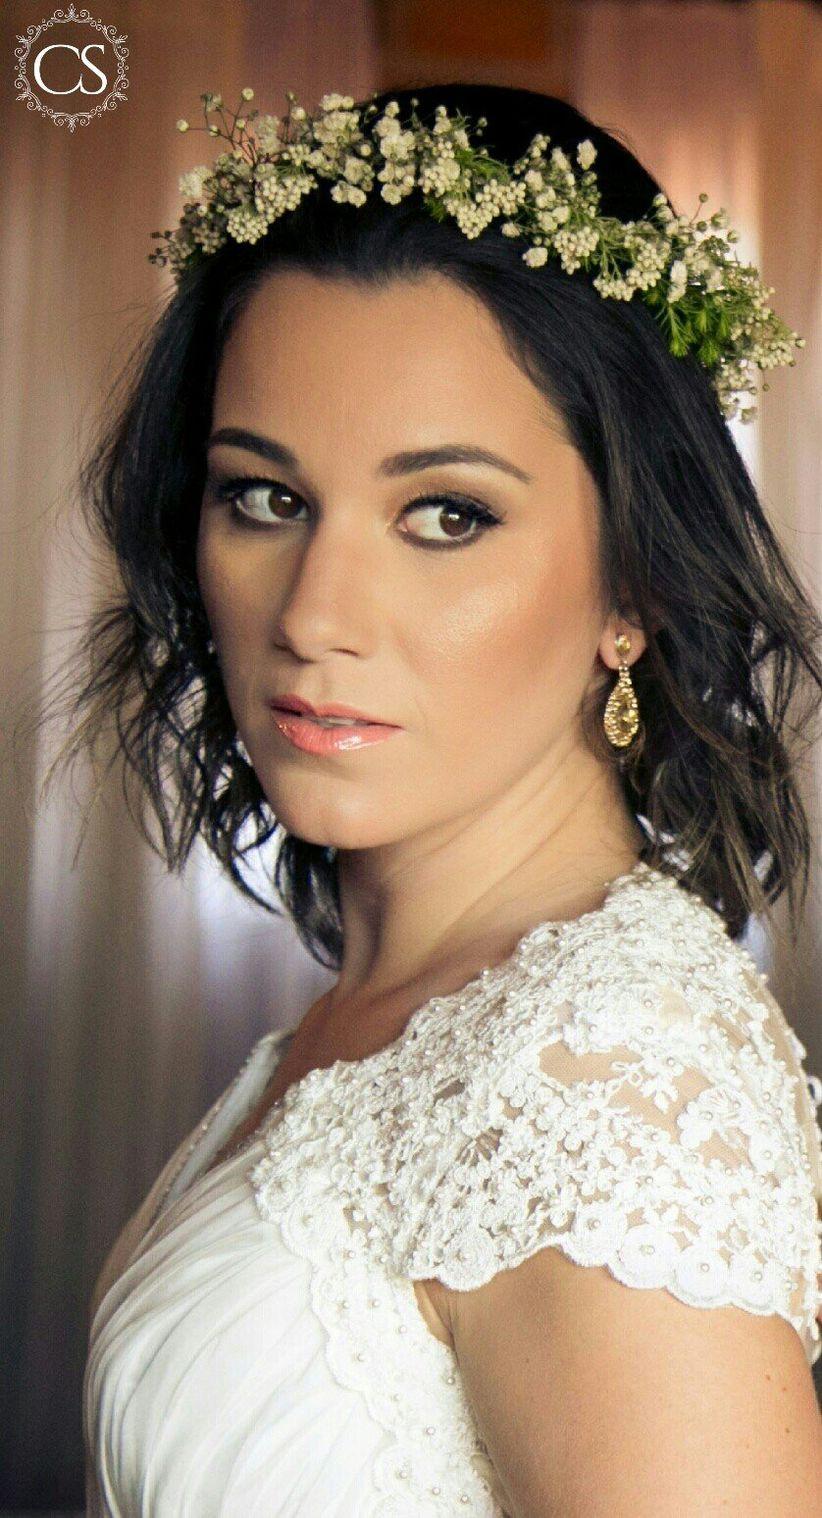 Cibele Sobrinho Make Up